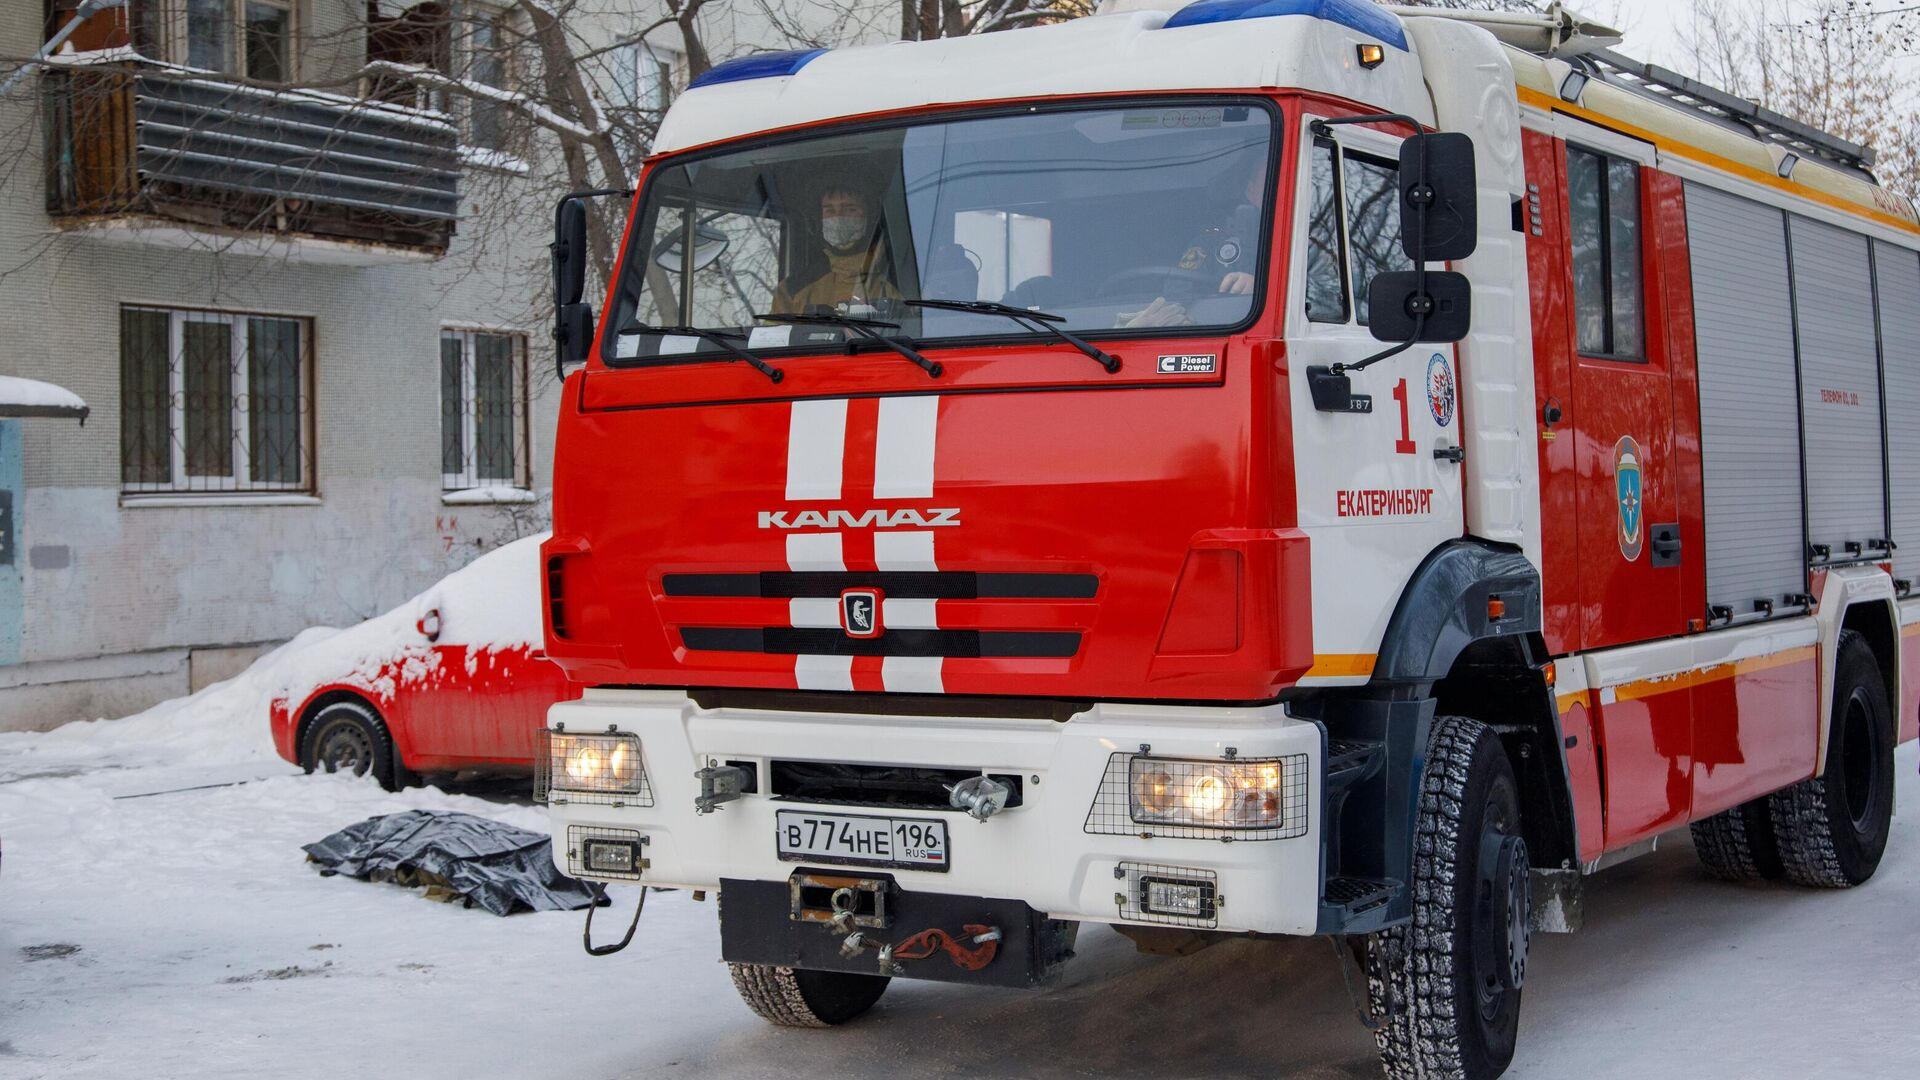 Автомобиль пожарной службы по дворе жилого дома на улице Рассветной в Екатеринбурге, где произошел пожар - РИА Новости, 1920, 01.02.2021